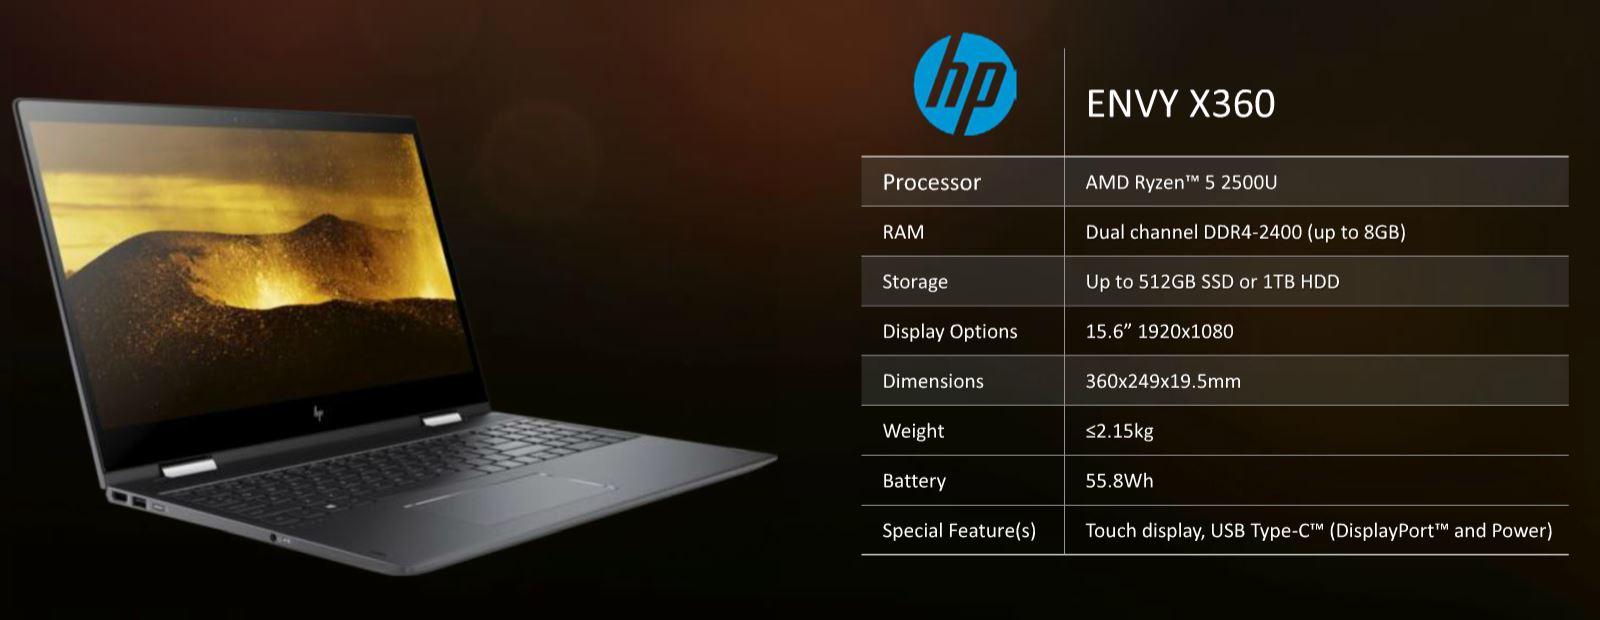 AMD Ryzen Mobile HP Envy X360